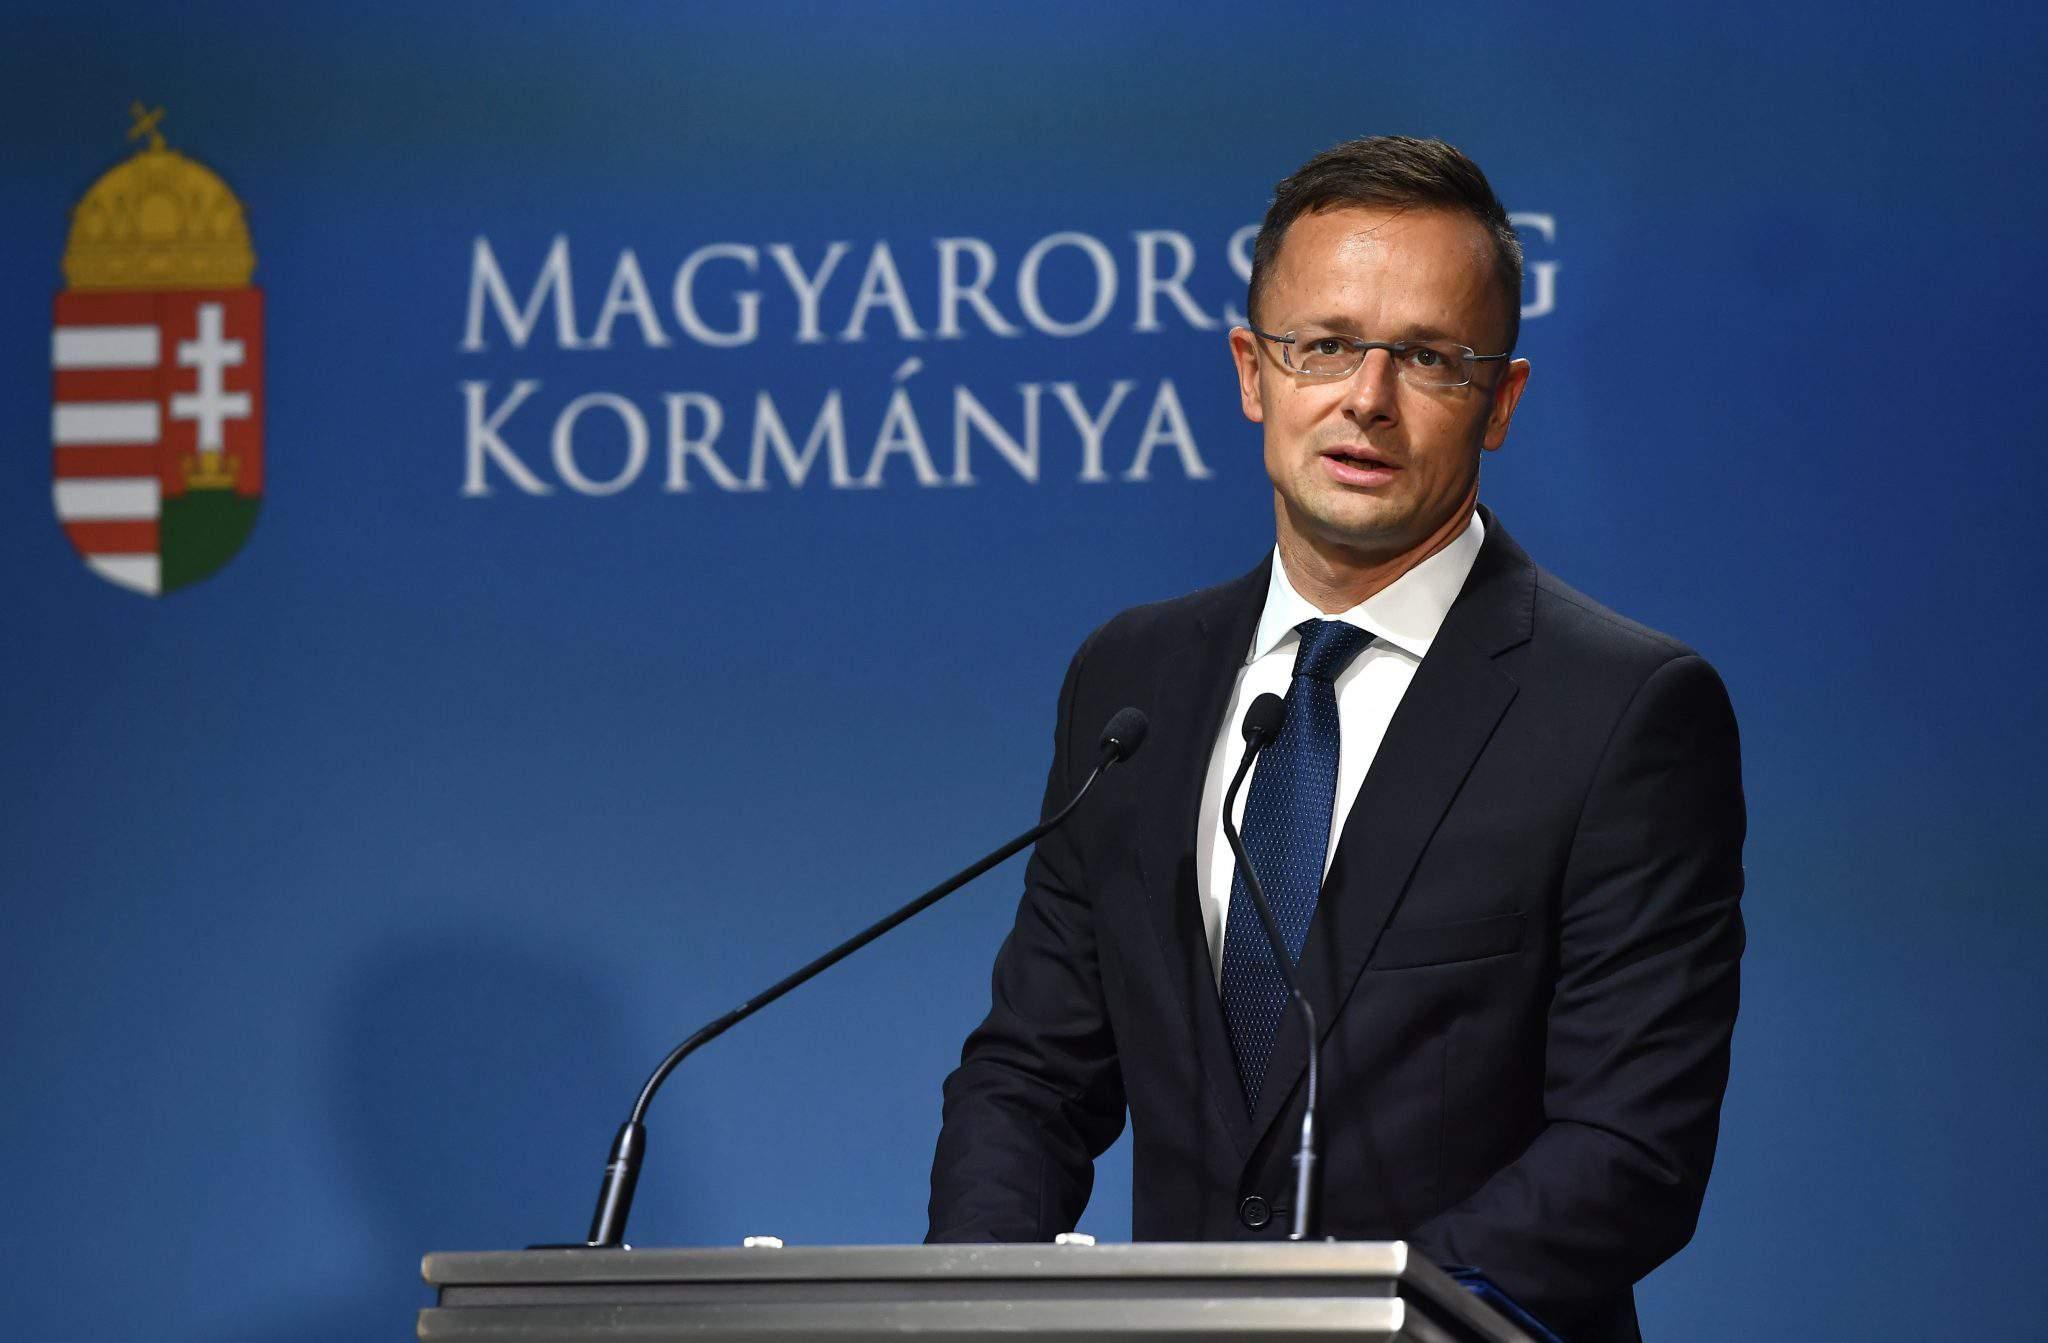 Szijártó press conference